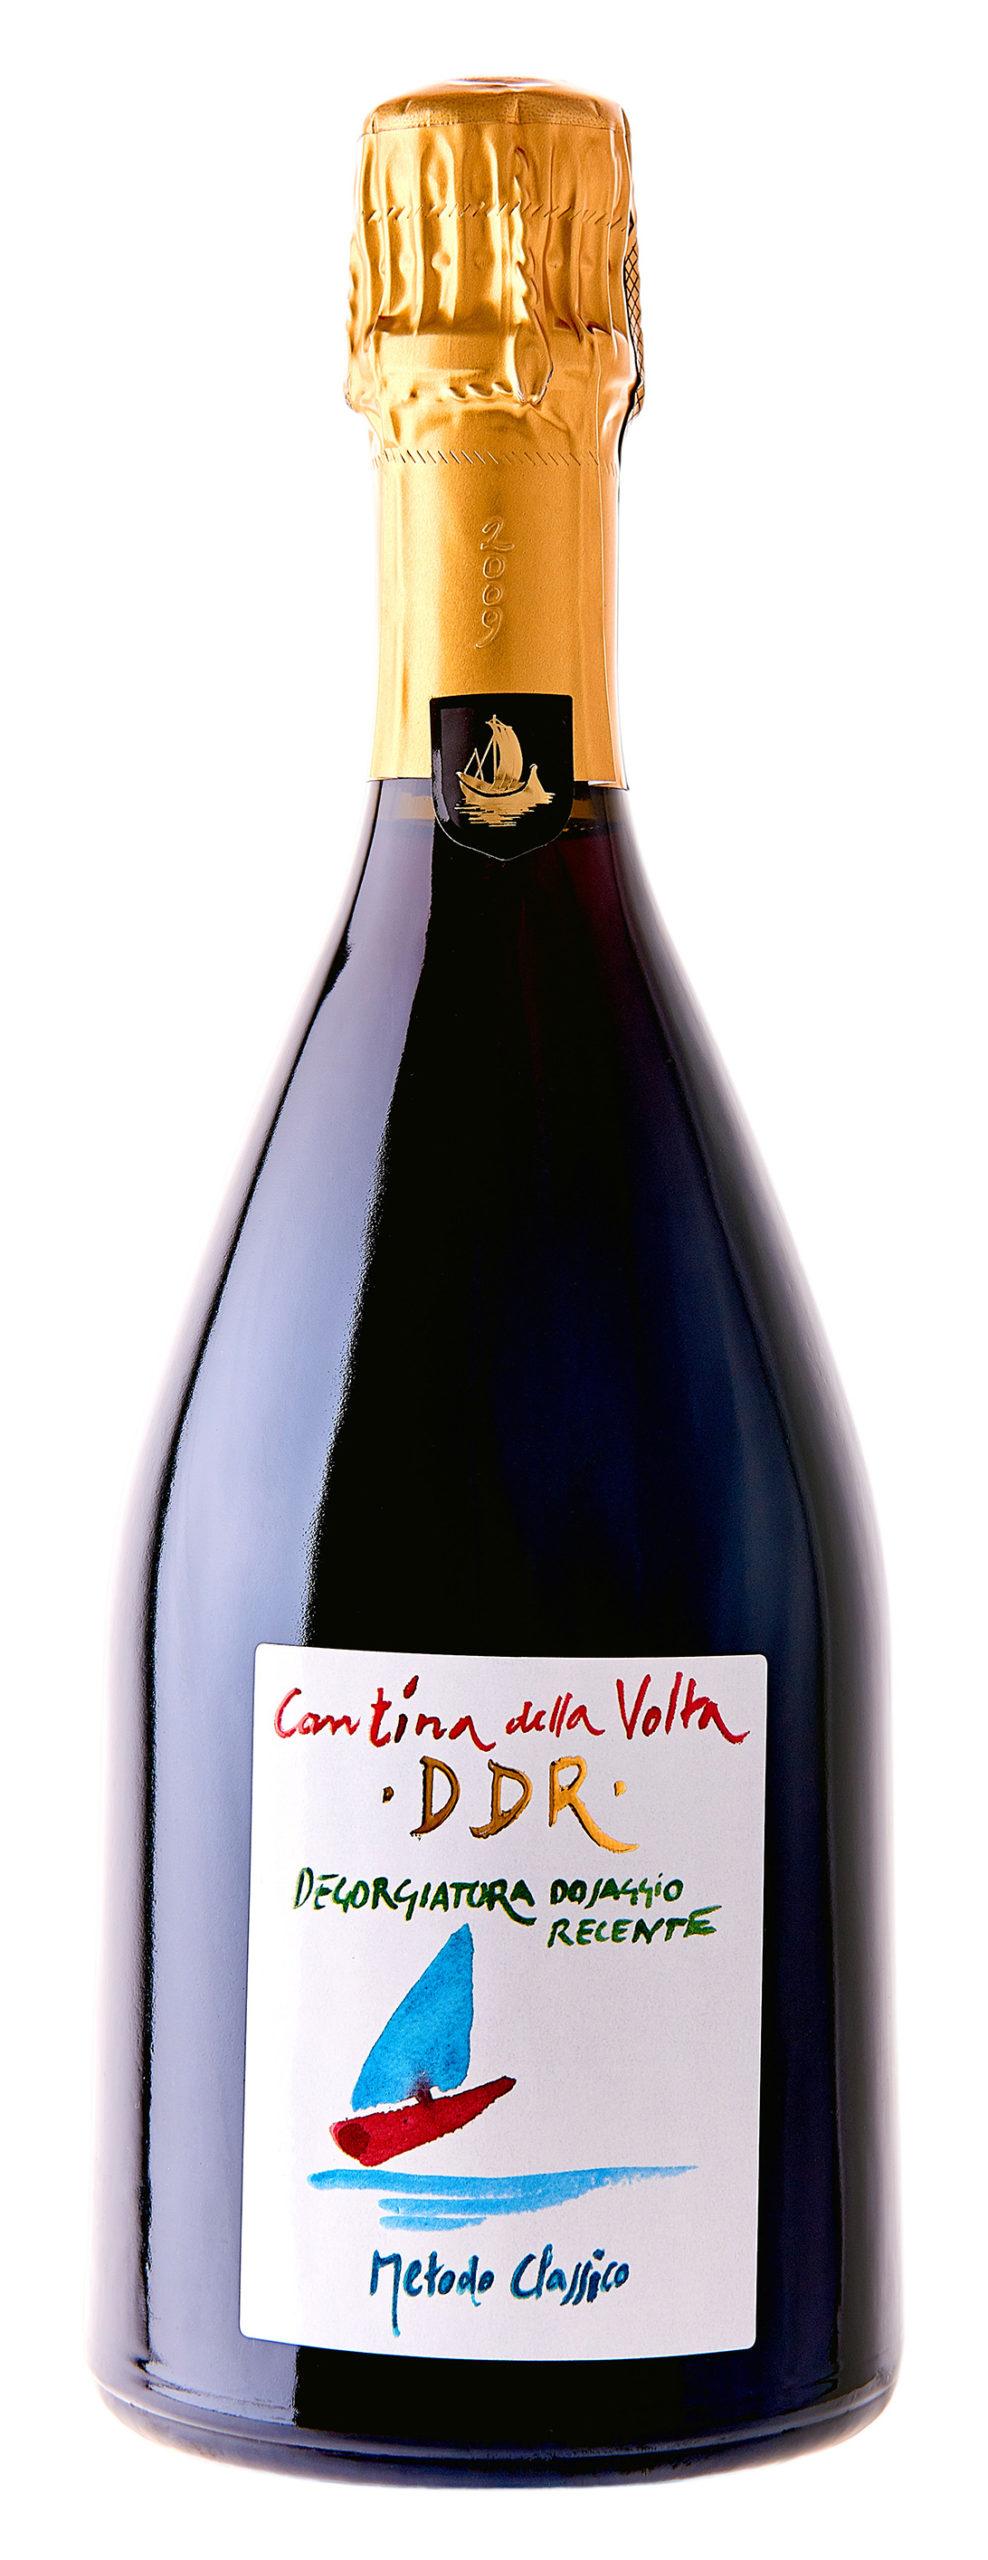 Vino rosso Spumante Metodo Classico Lambrusco di Modena DDR